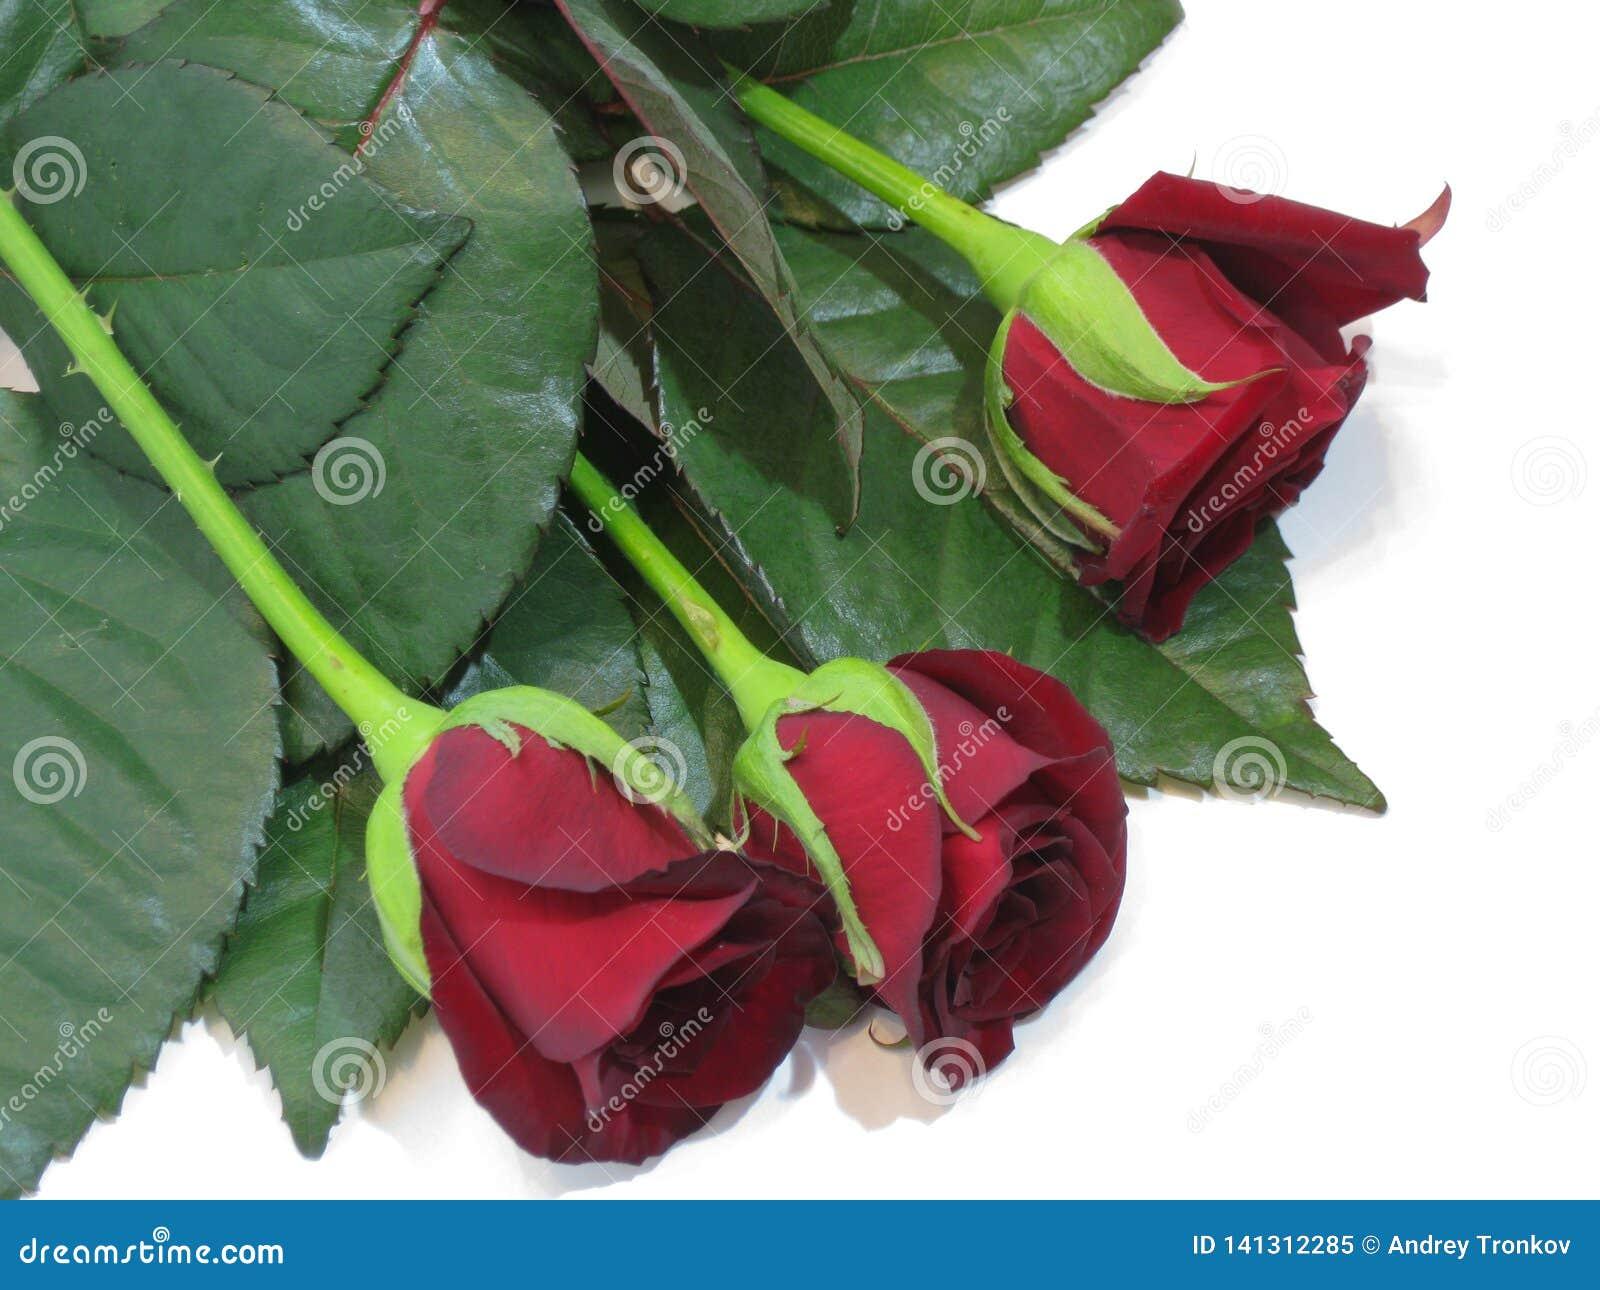 Primavera, l estate, i petali rosa vellutati eccitano l immaginazione ed attirano l occhio